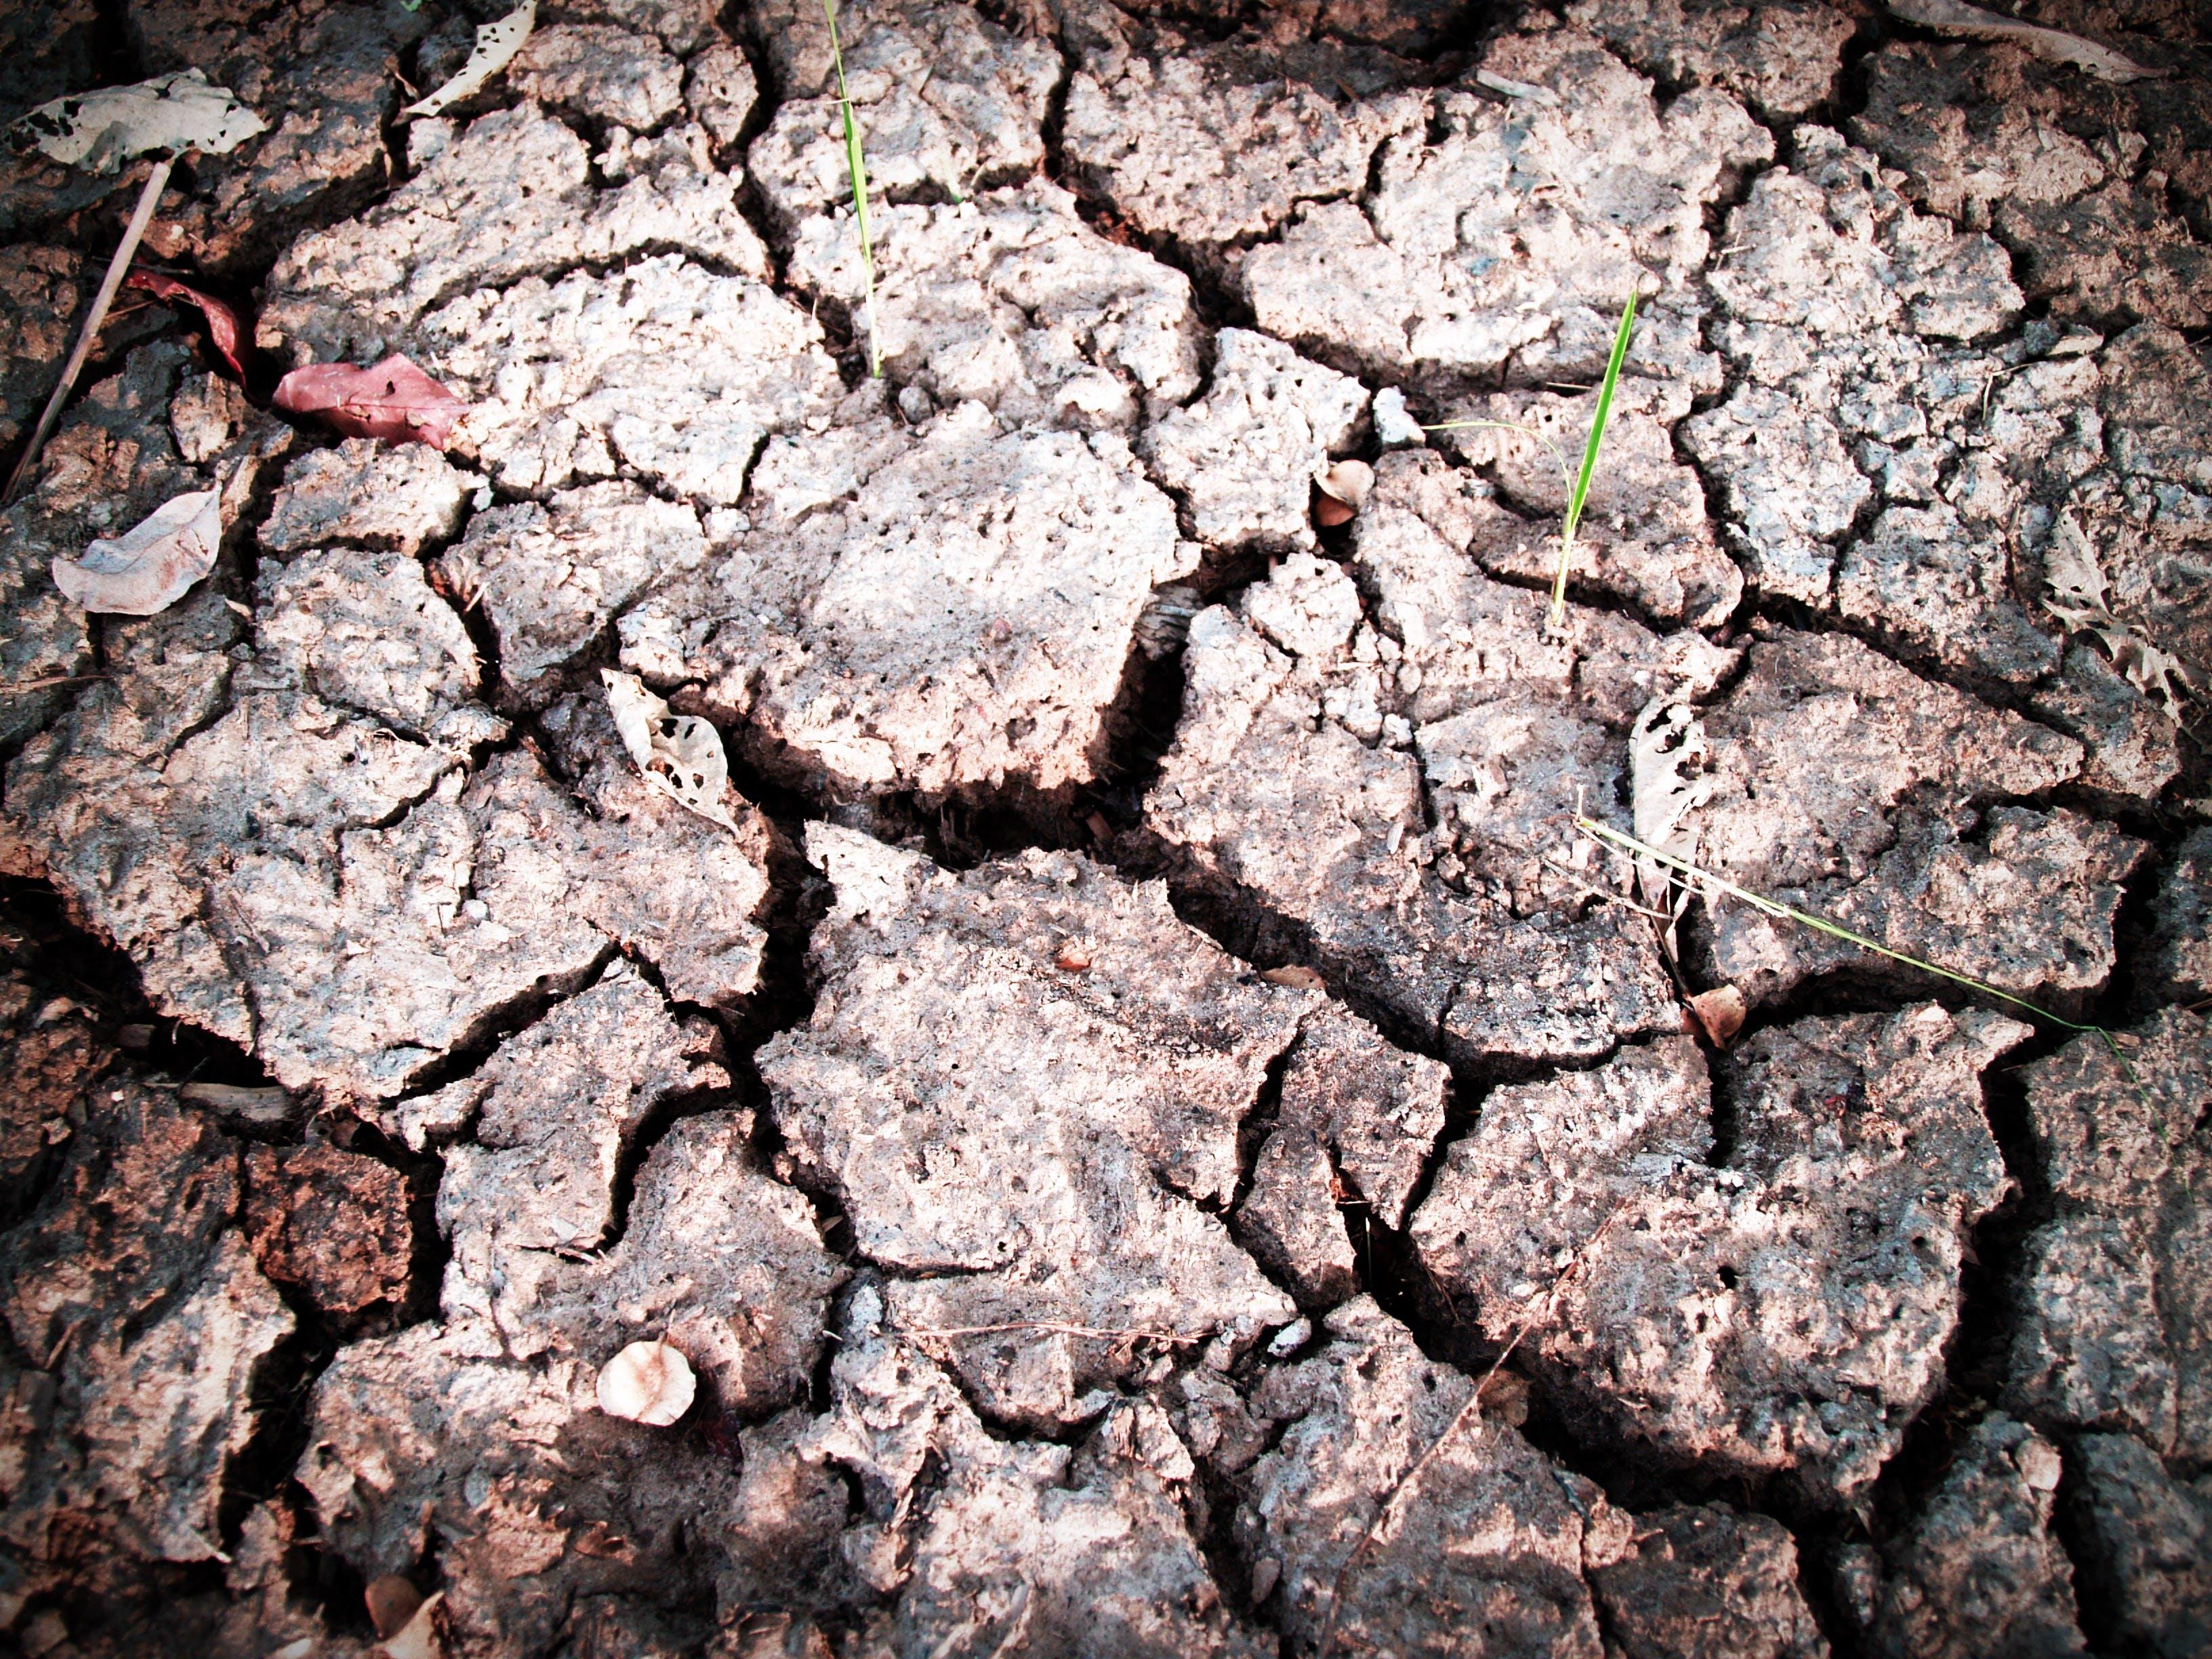 Gratis lagerfoto af close-up, geologi, græs, hakket